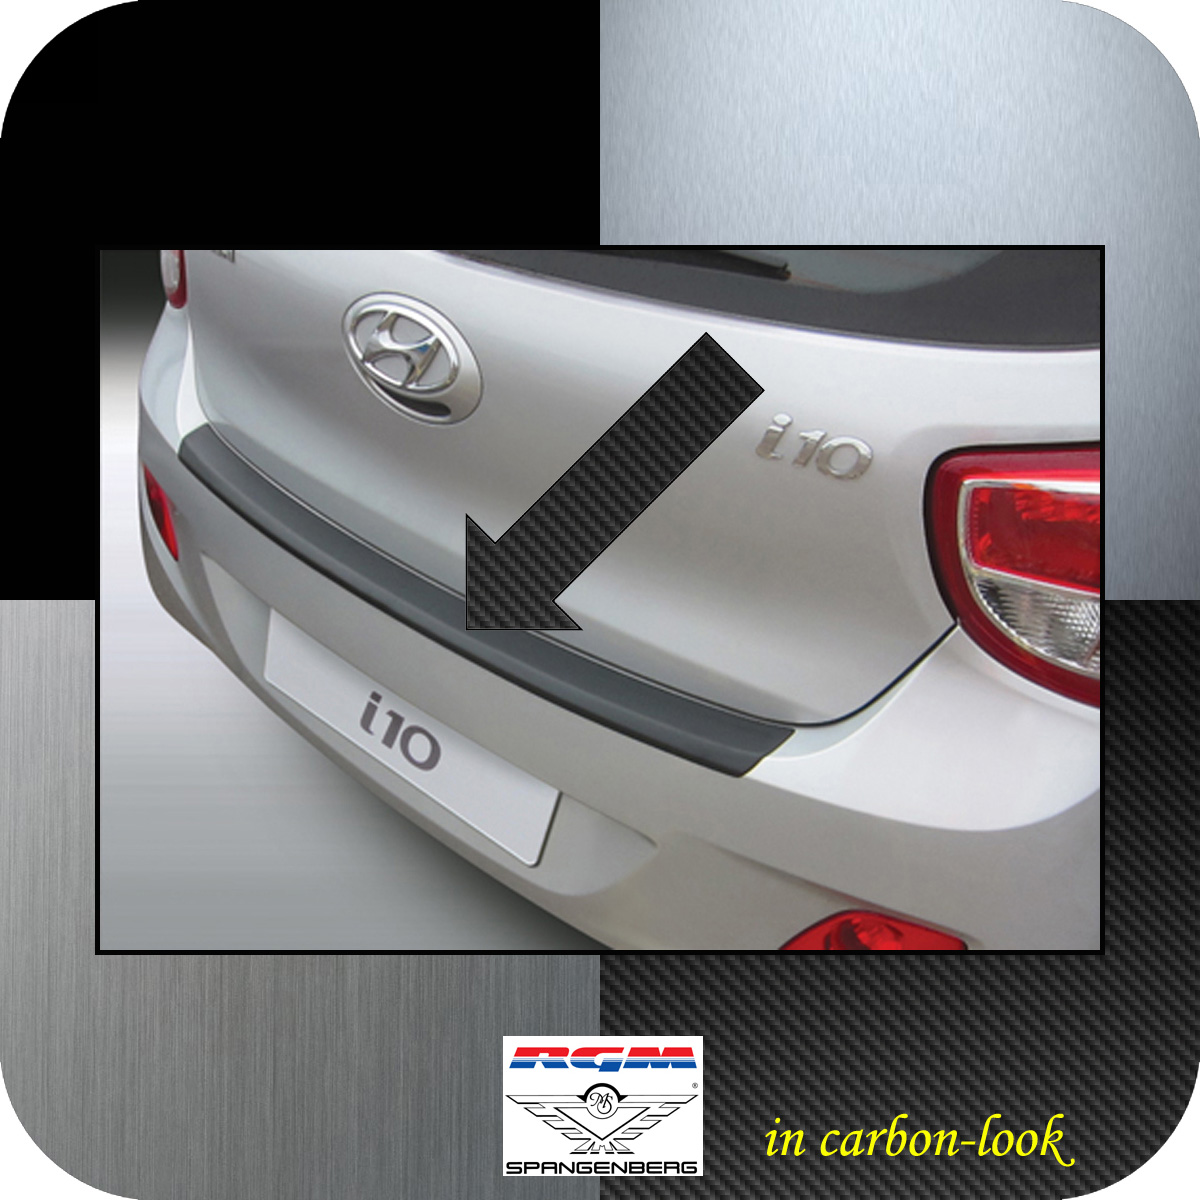 Ladekantenschutz Carbon-Look Hyundai i10 II Schrägheck ab 2013- 3509705